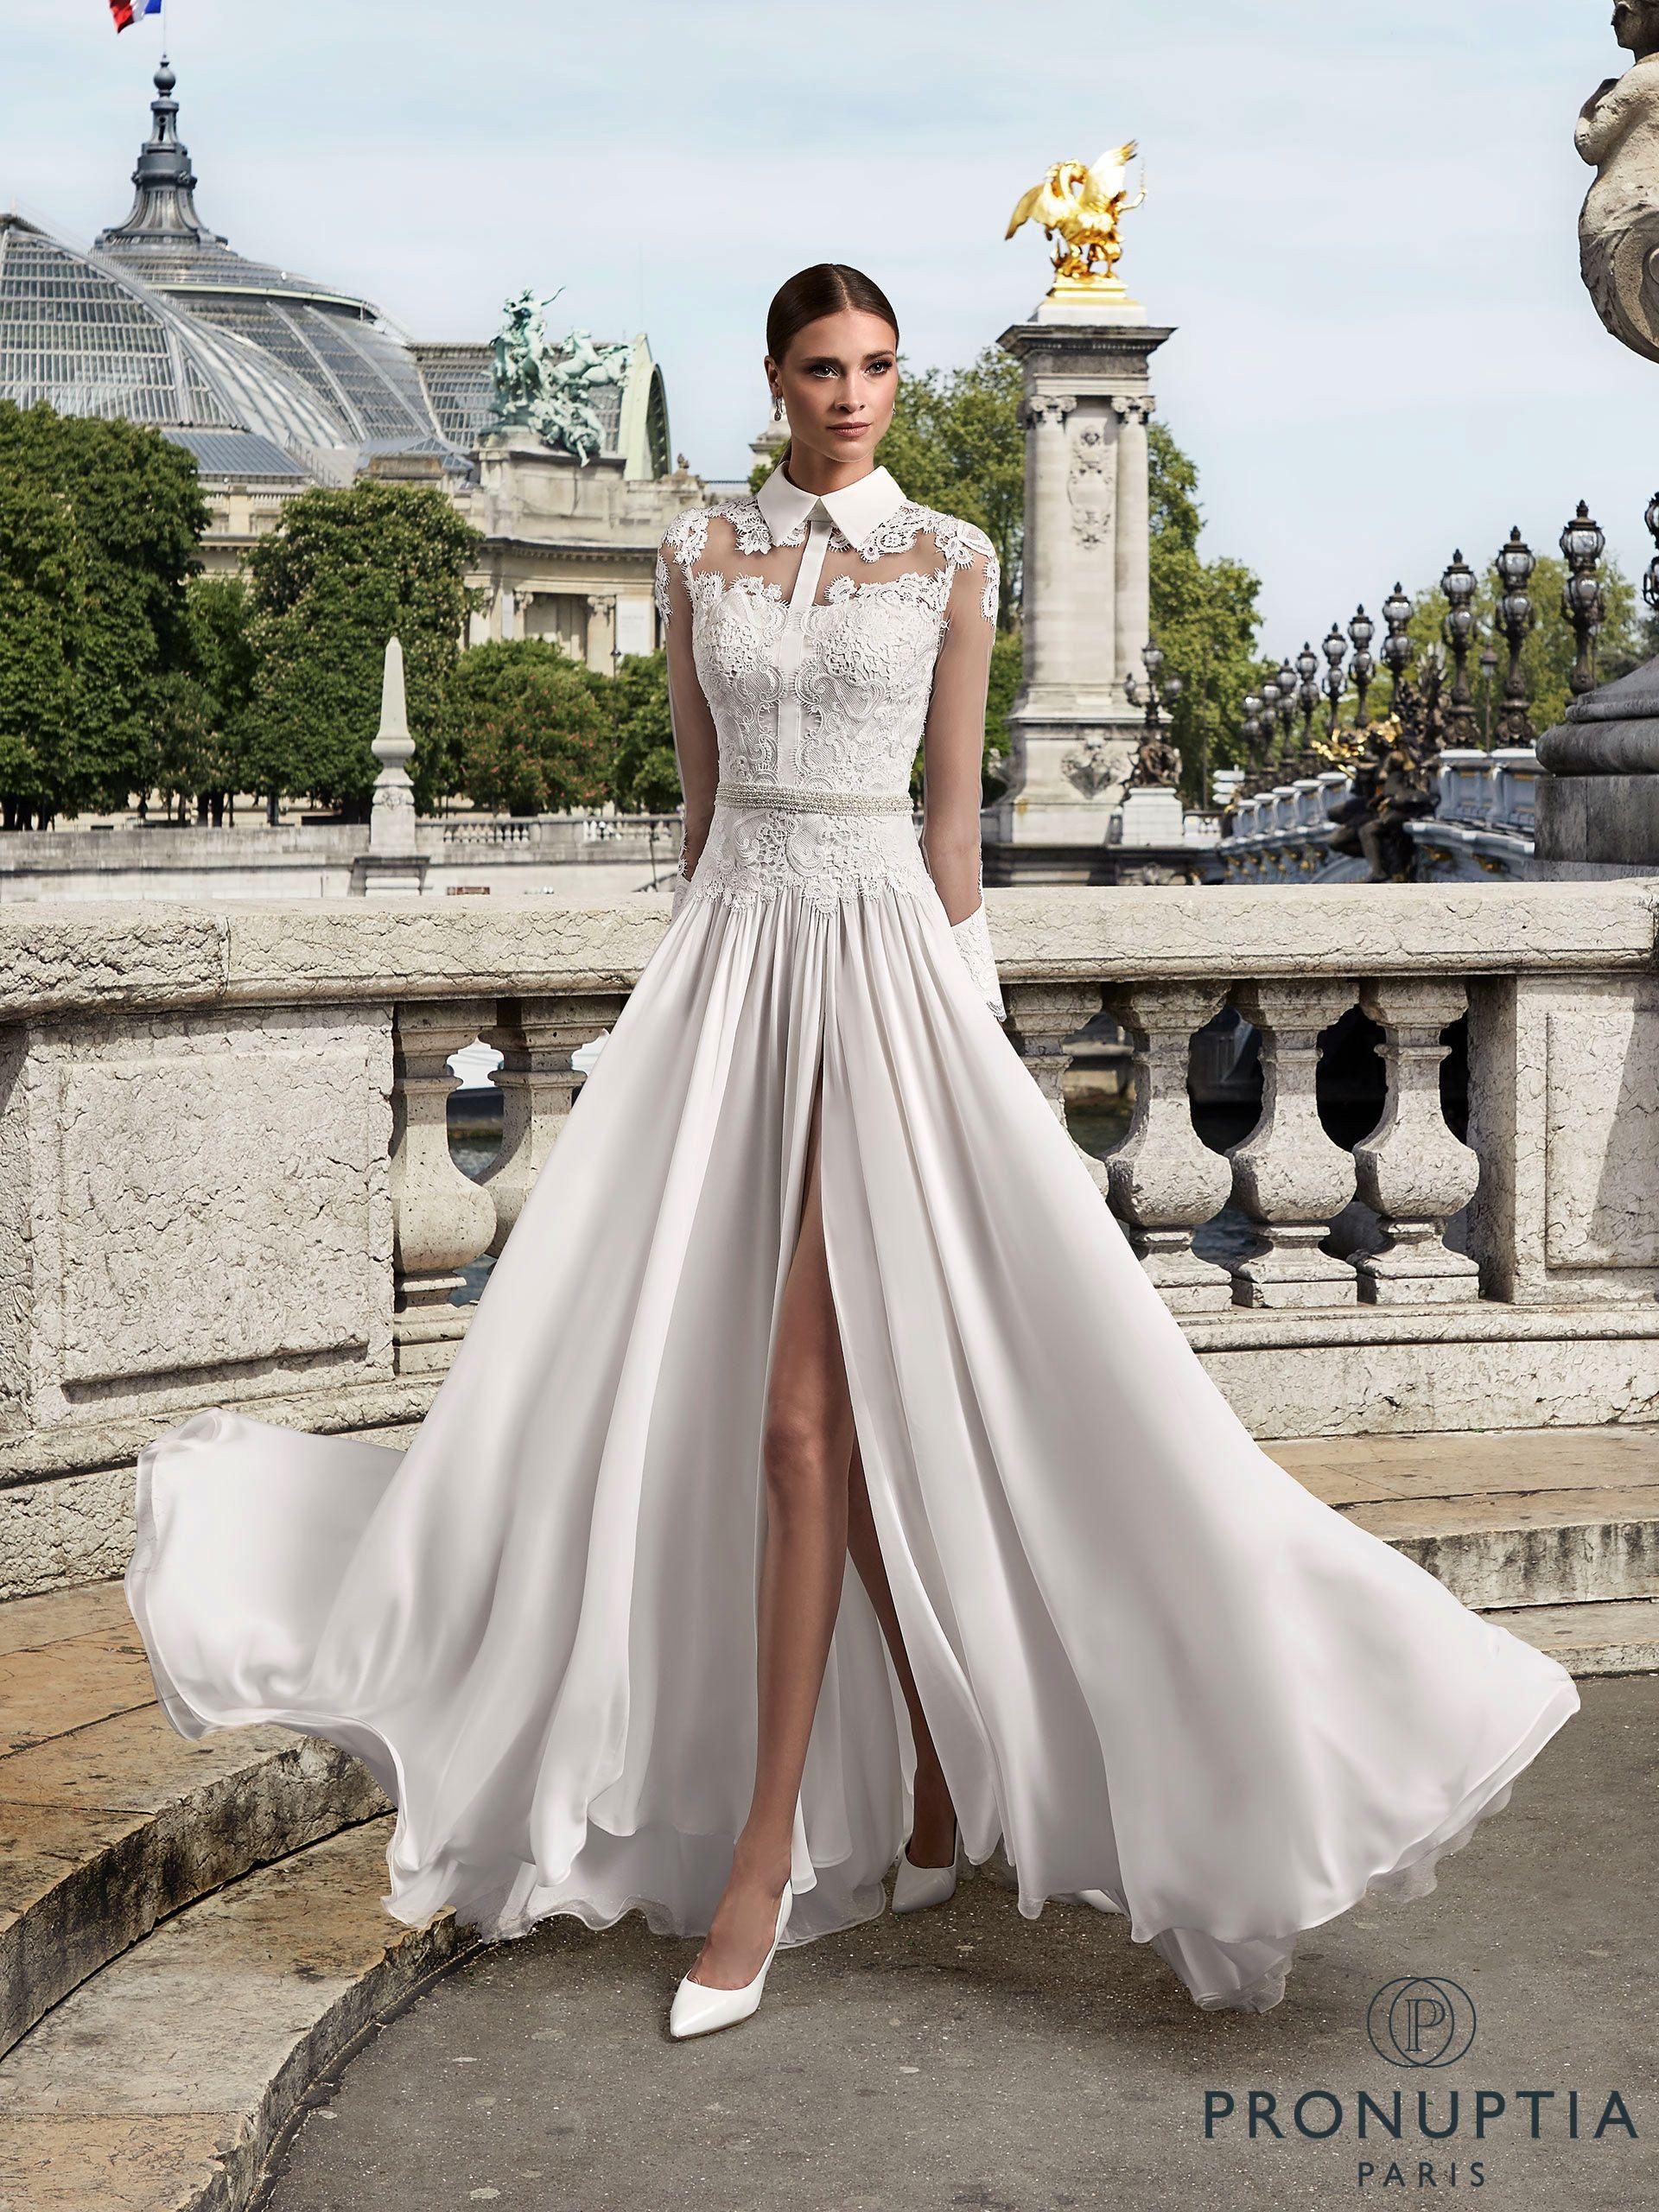 Robe de mariée Trinité, robe de mariée dentelle, robe de mariée chemisier -  Pronuptia fe741ab5e71